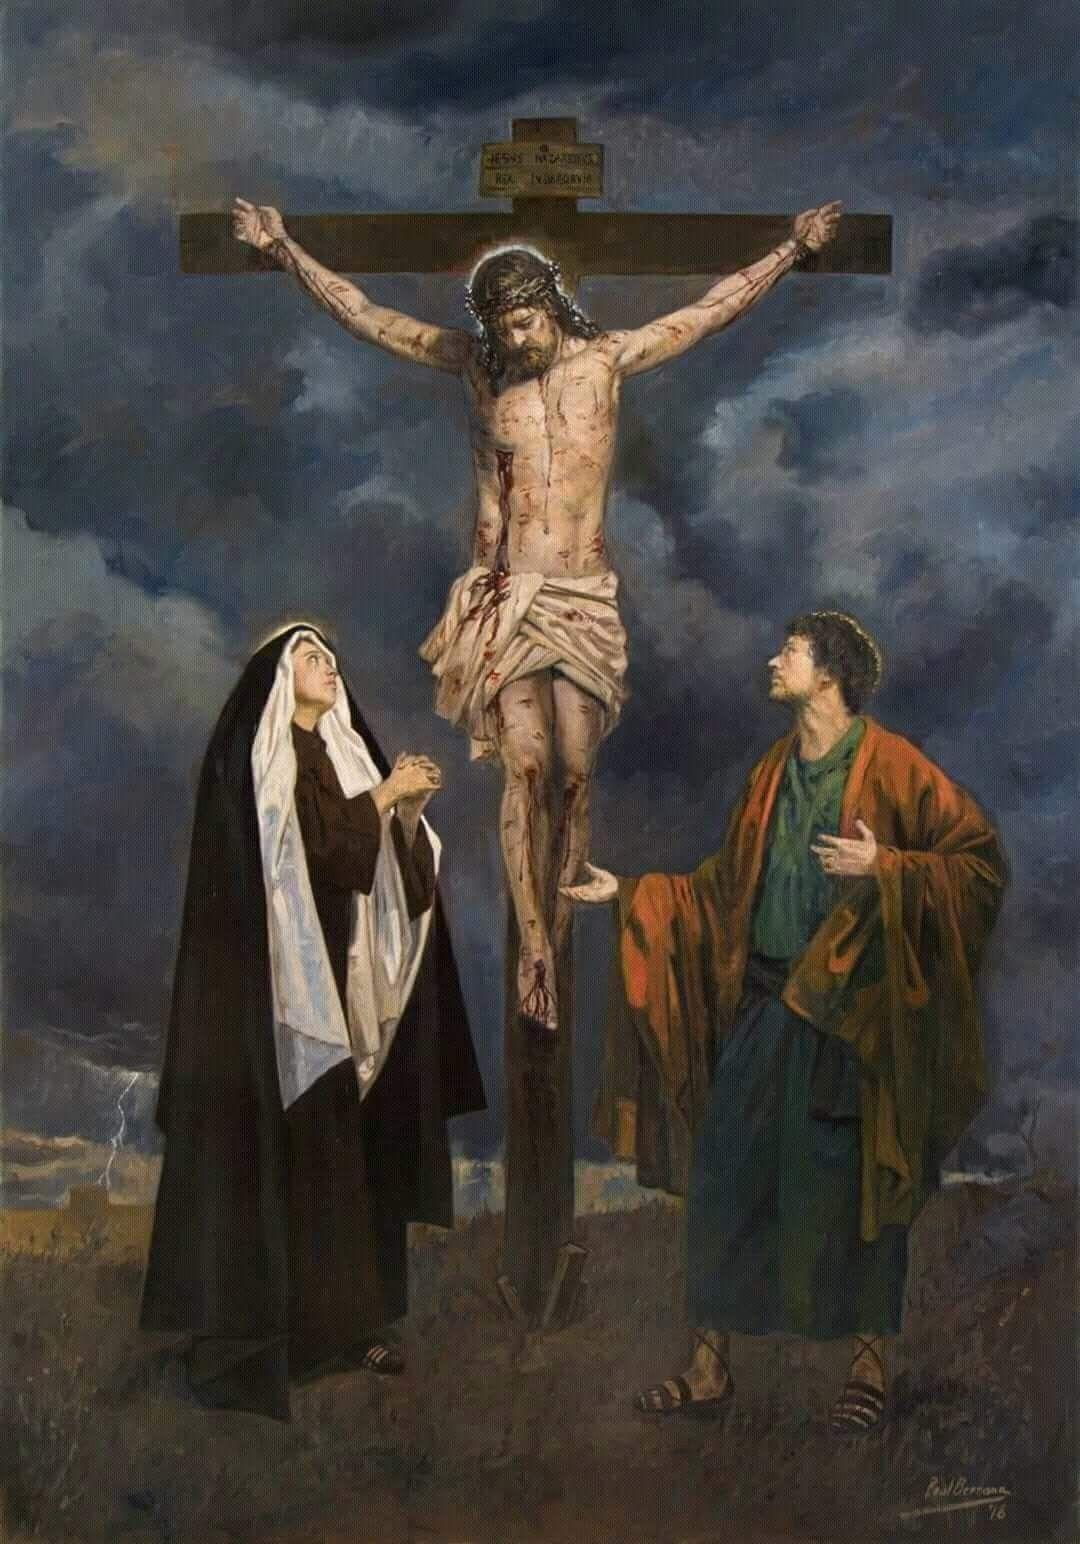 La mort divine, atroce et scientifique de Jésus pour notre Salut ✟ Comme Il a souffert ! 32621487ad7d6b9c142ad8bd961d1d76